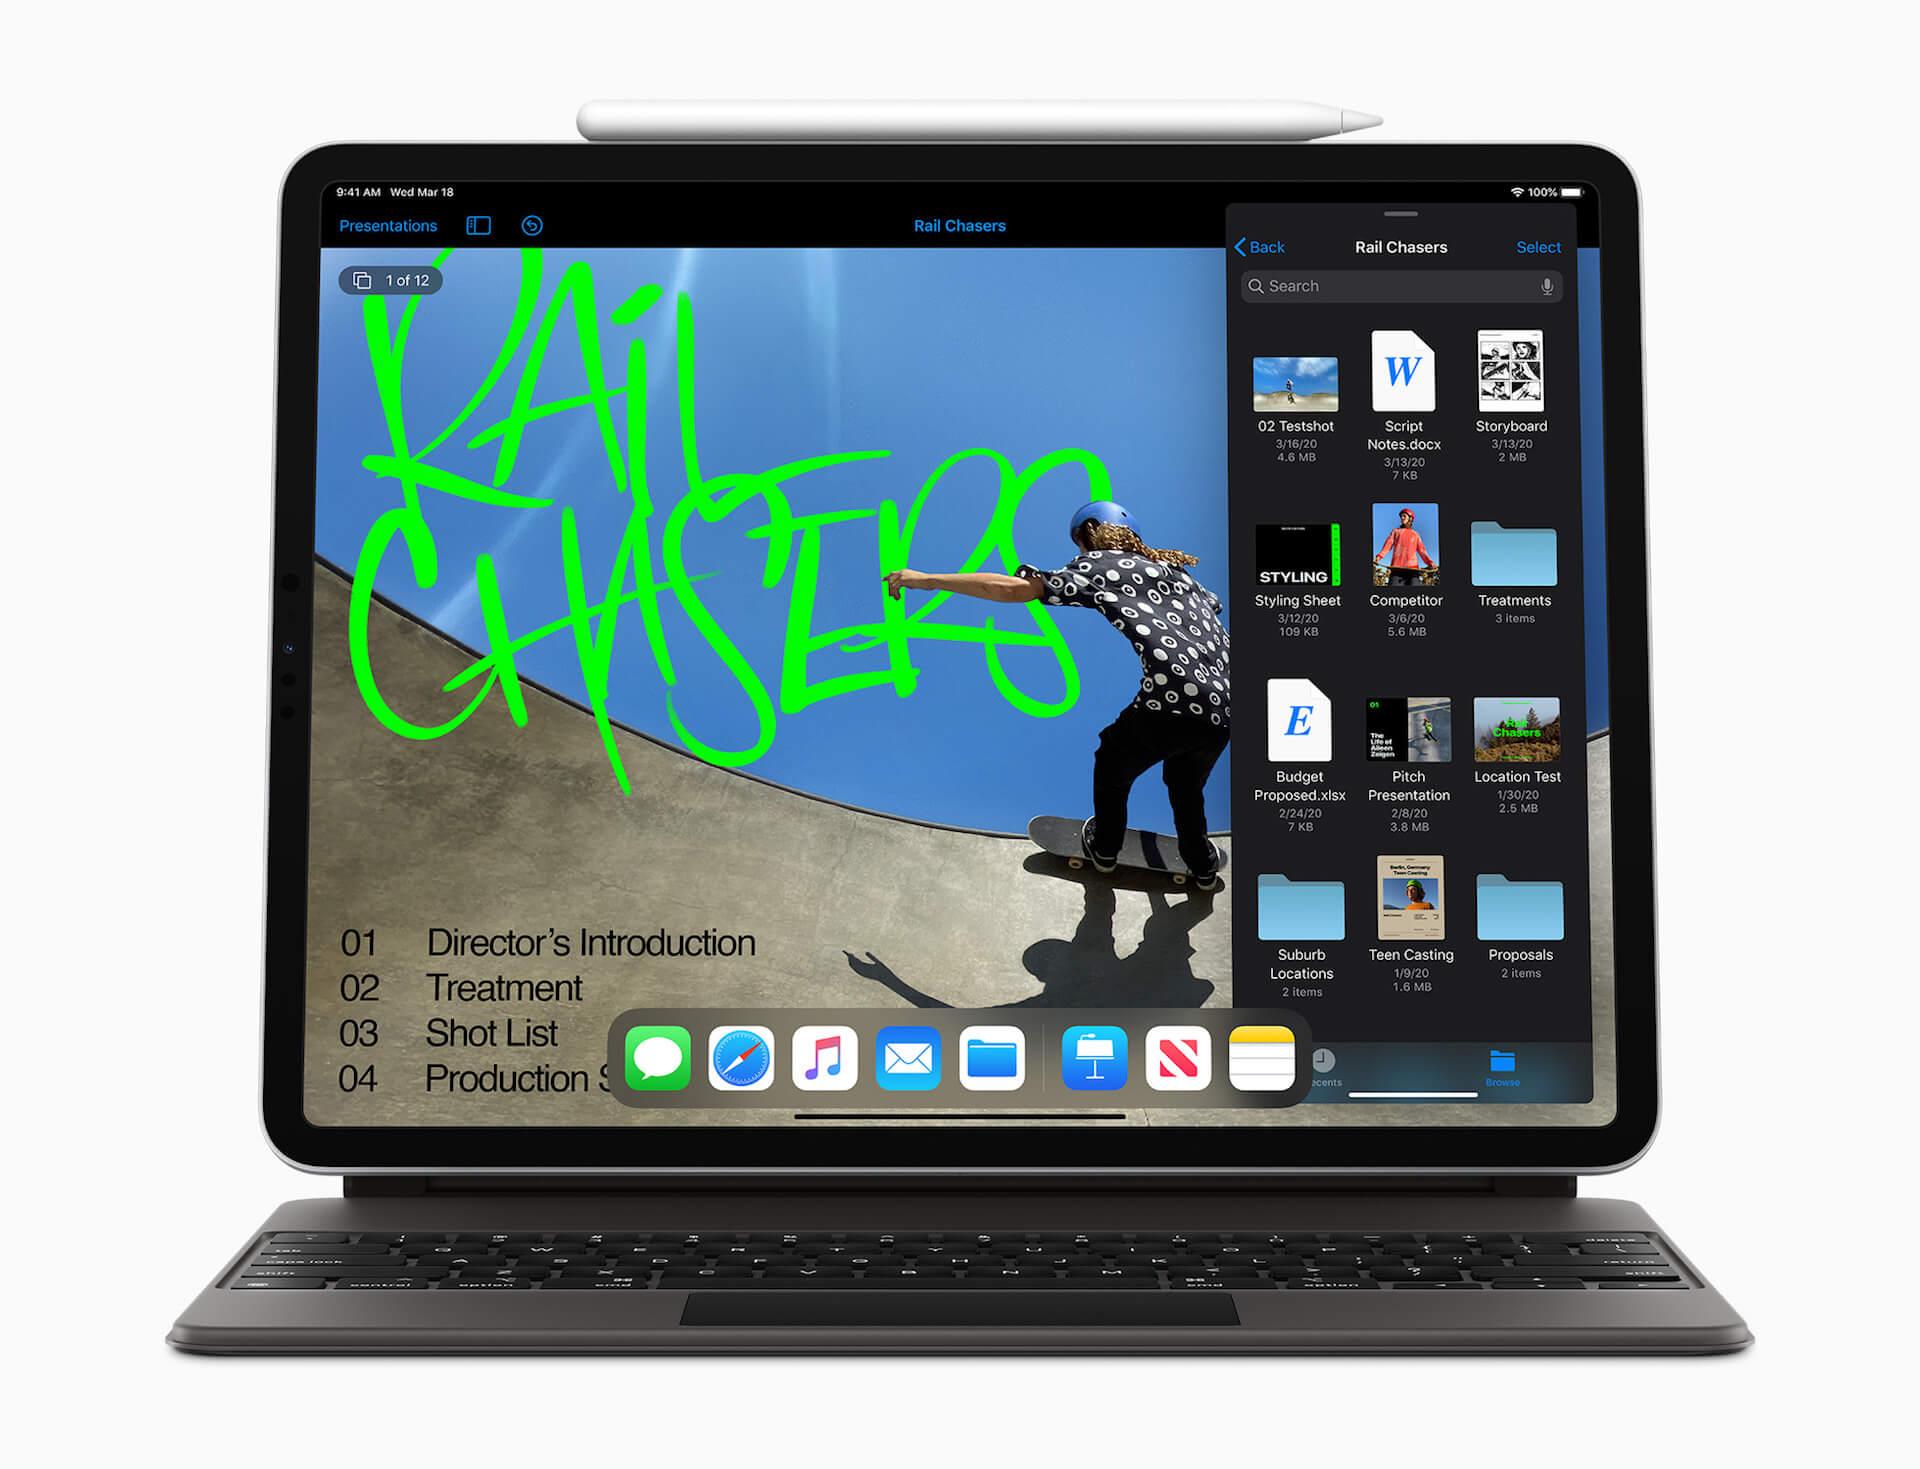 ミニLED搭載のiPad Proが2021年第1四半期にも登場?年内にディスプレイの大量生産開始か tech201105_ipadpro_miniled_main